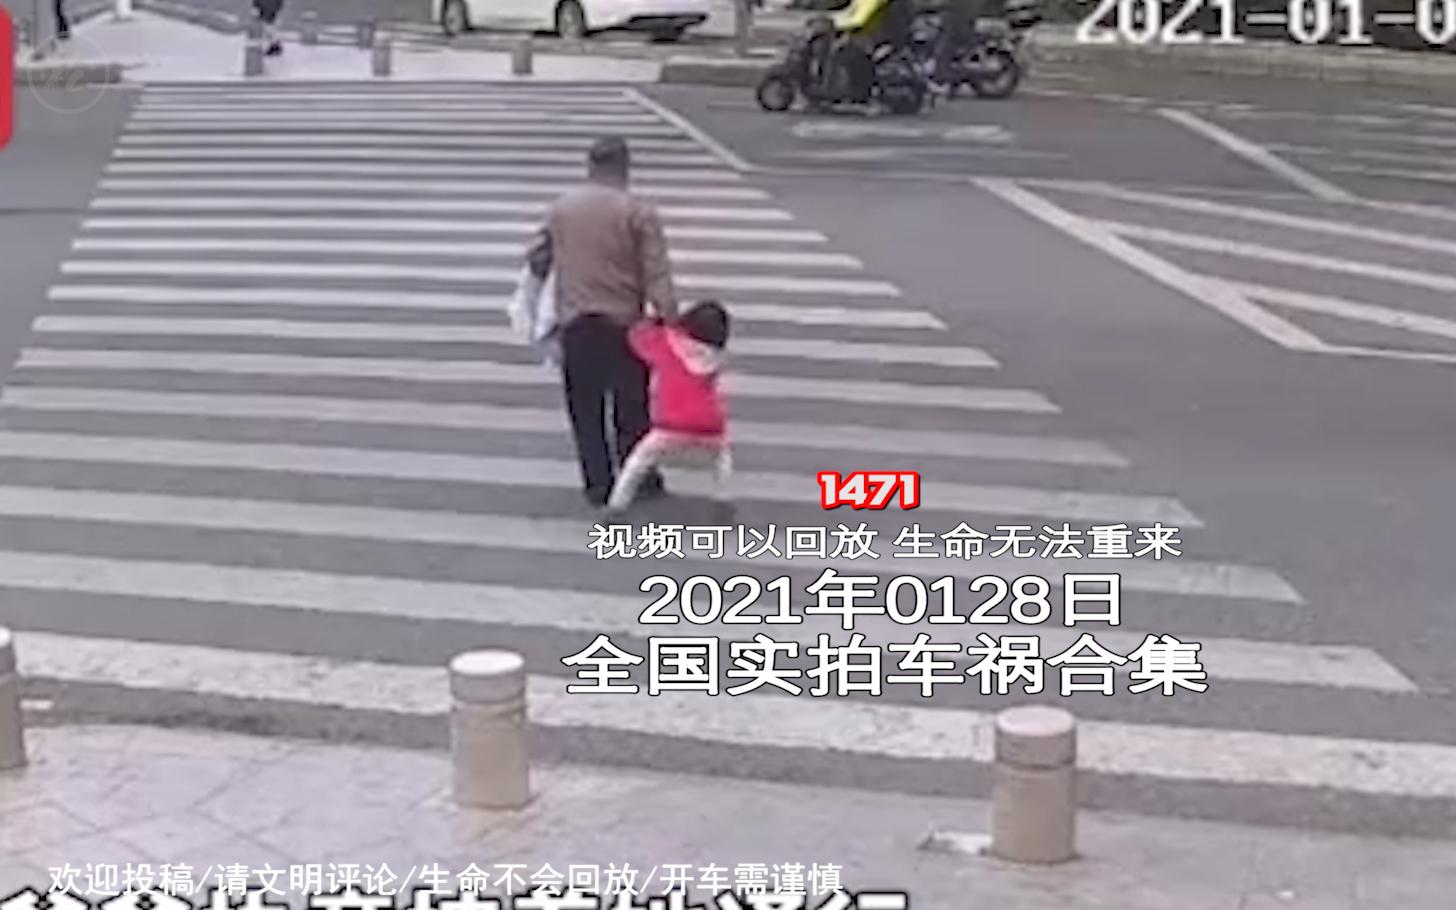 1471期:爷爷要闯红灯,小女孩多次阻拦无效,最终两人被车撞飞,老人不幸身亡【20210128全国车